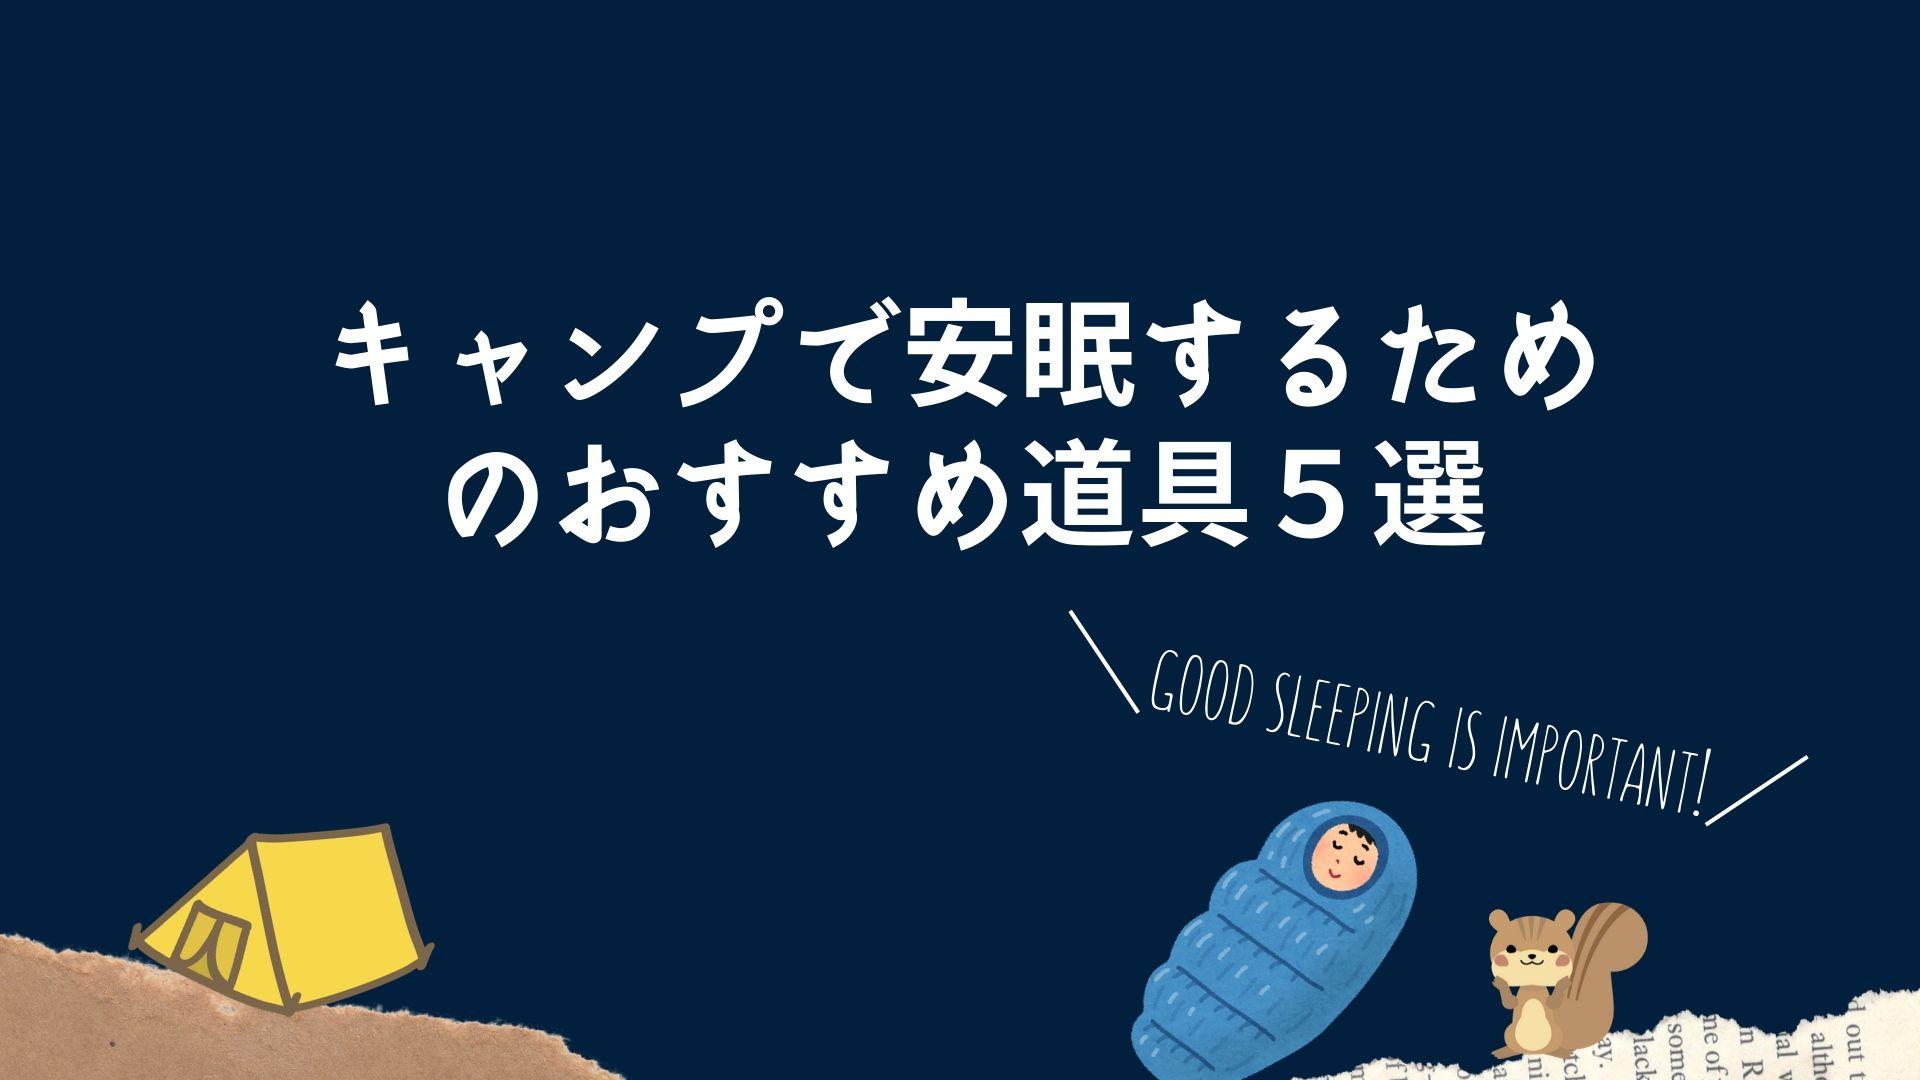 キャンプで安眠するためのおすすめ道具5選